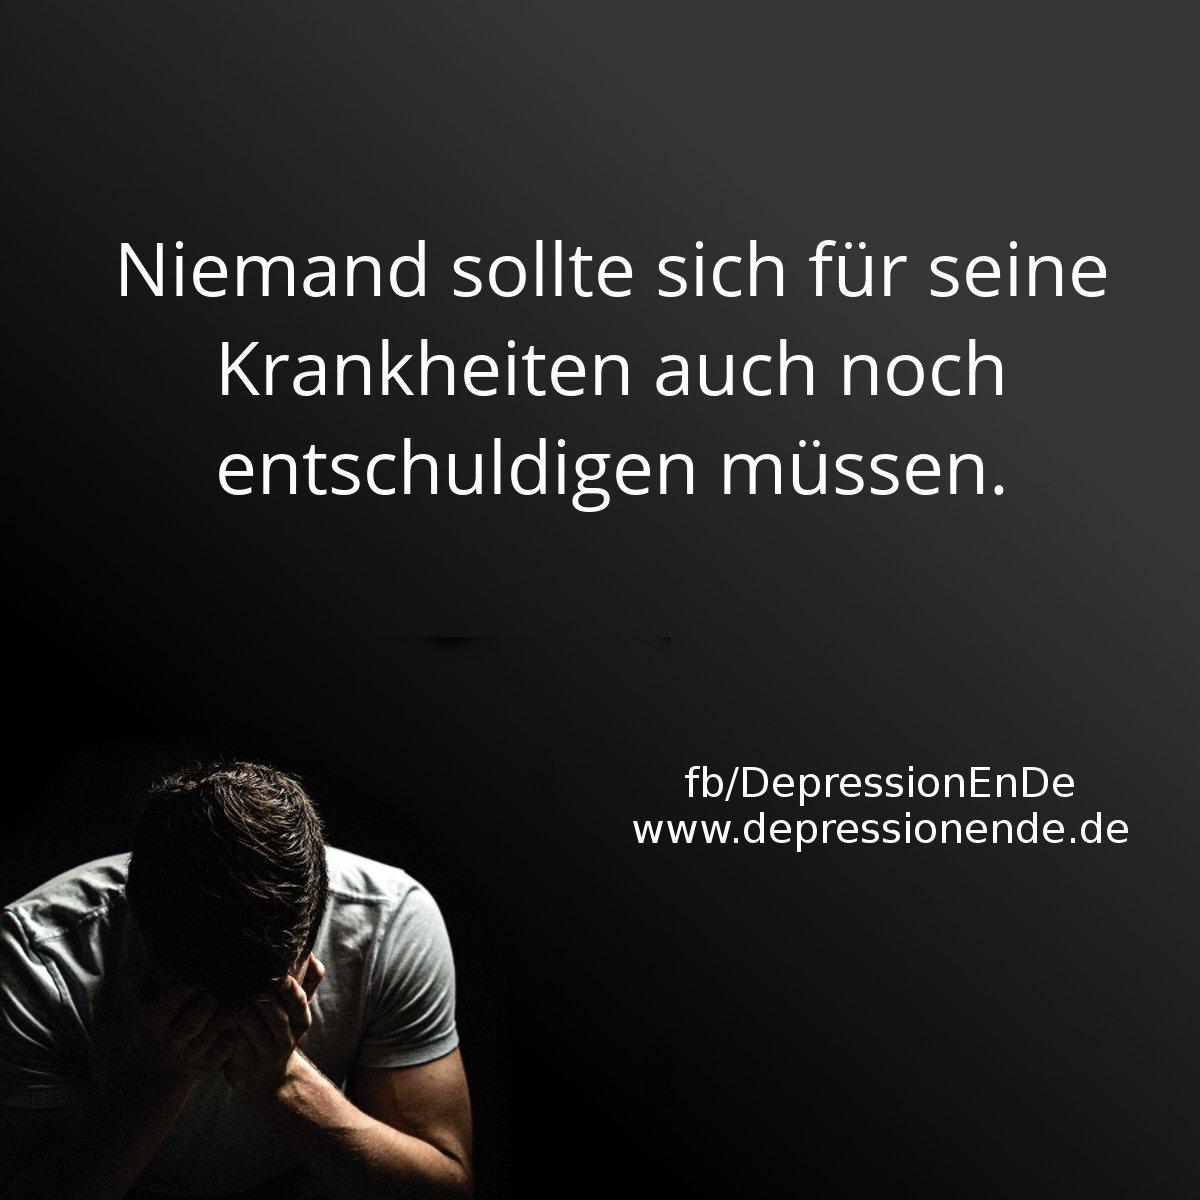 Depressionen Zitate Sprüche Spruchbilder Und Gedanken